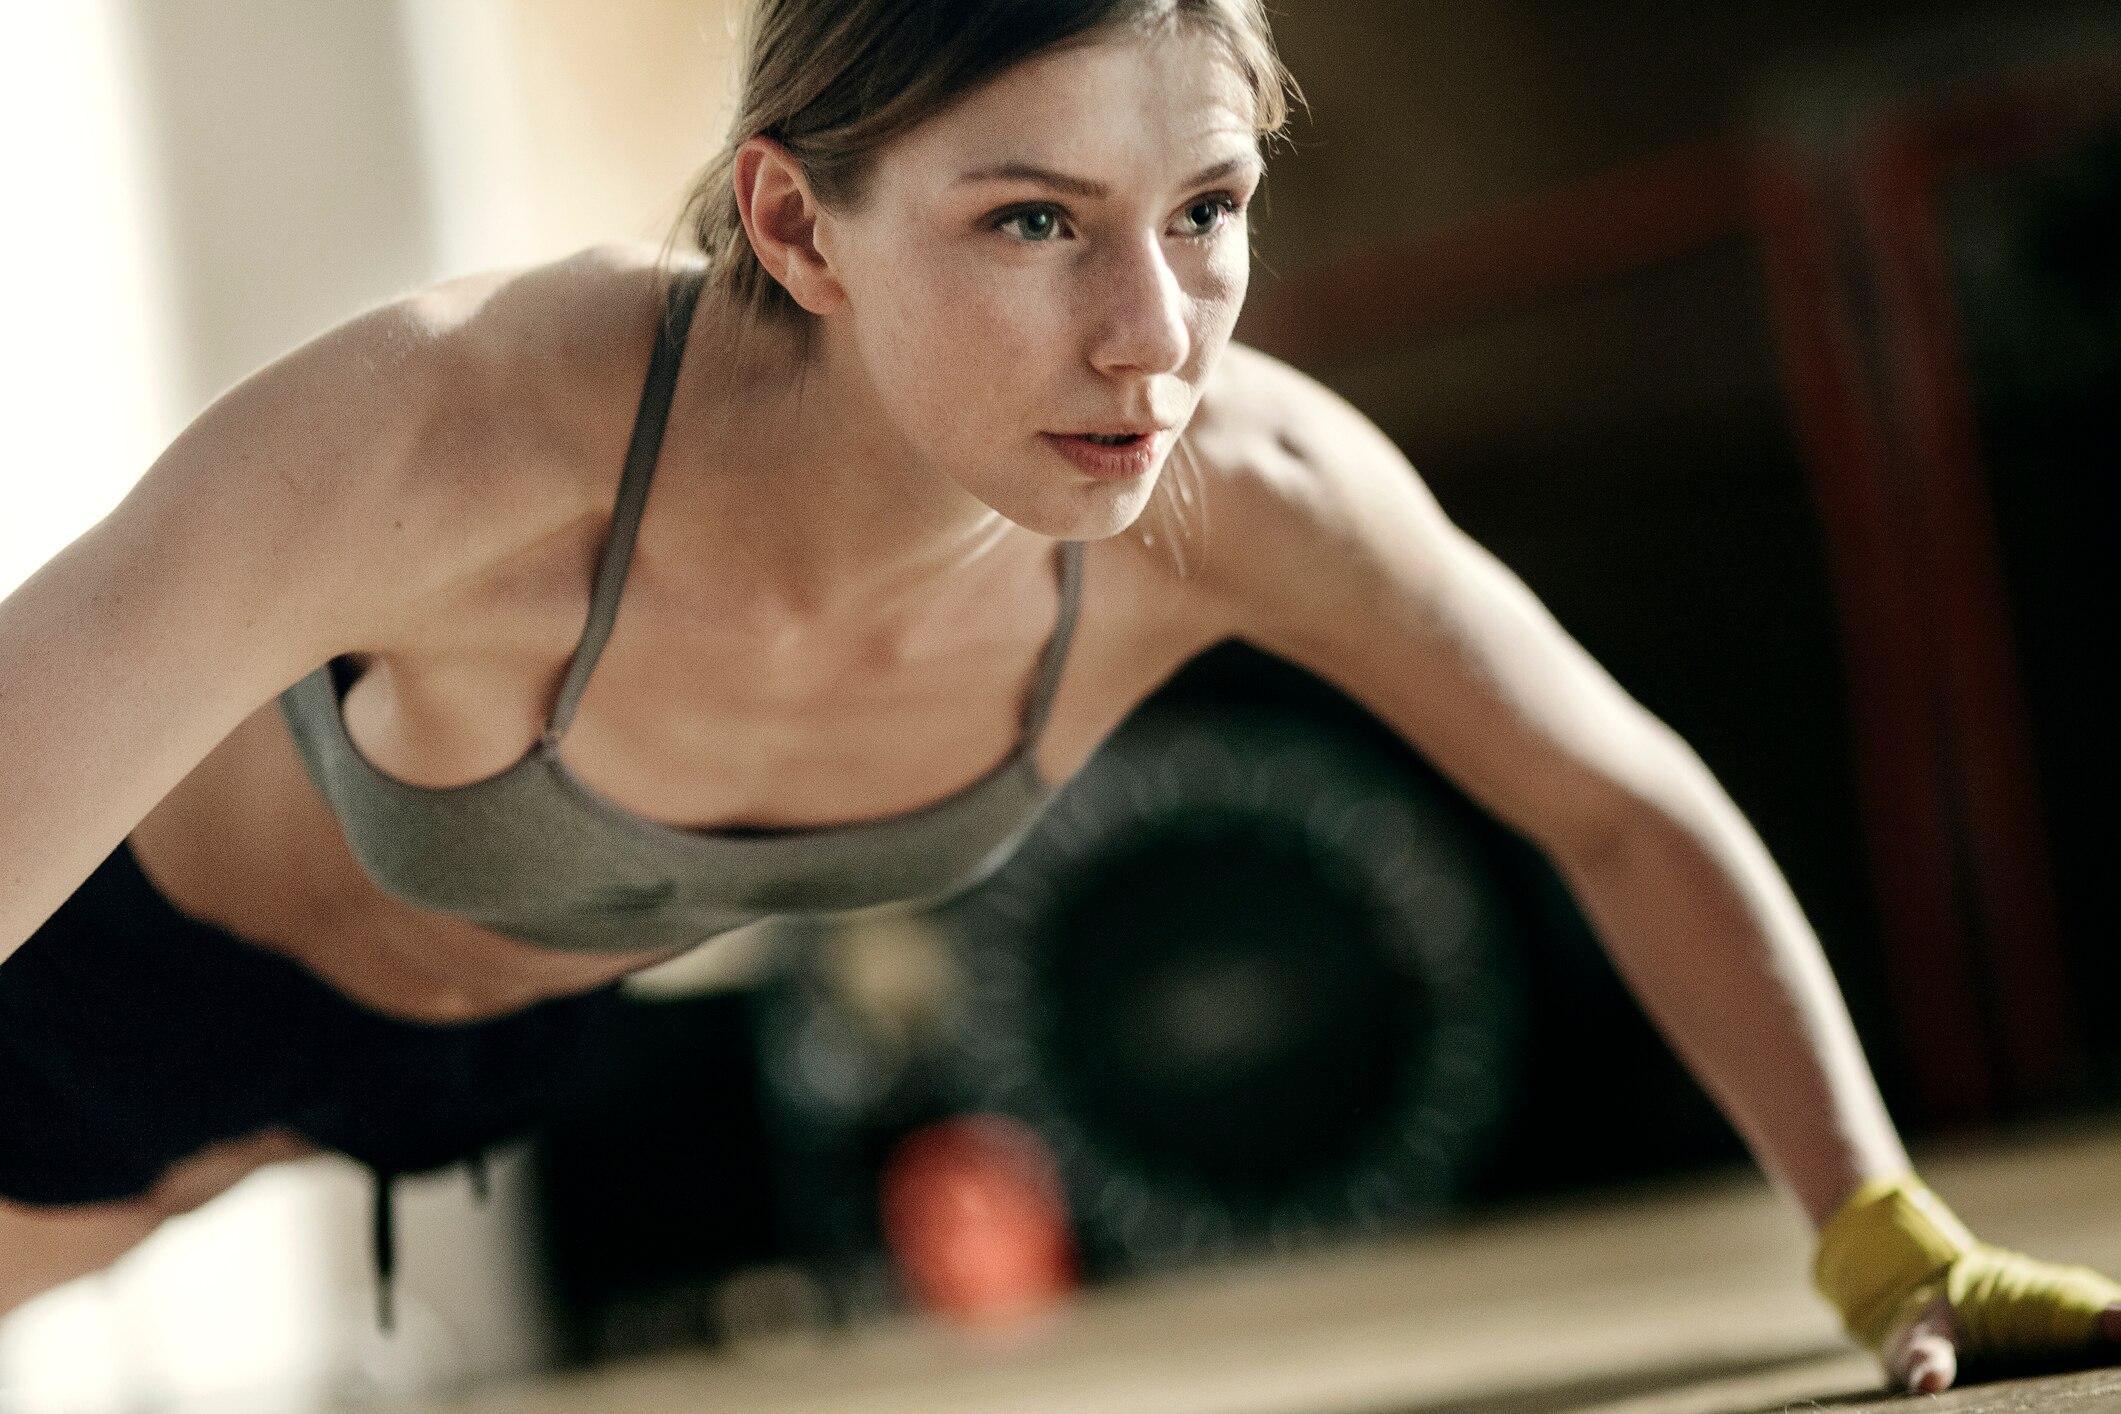 Übungen zum Abnehmen von Armen und Rücken im Fitnessstudio